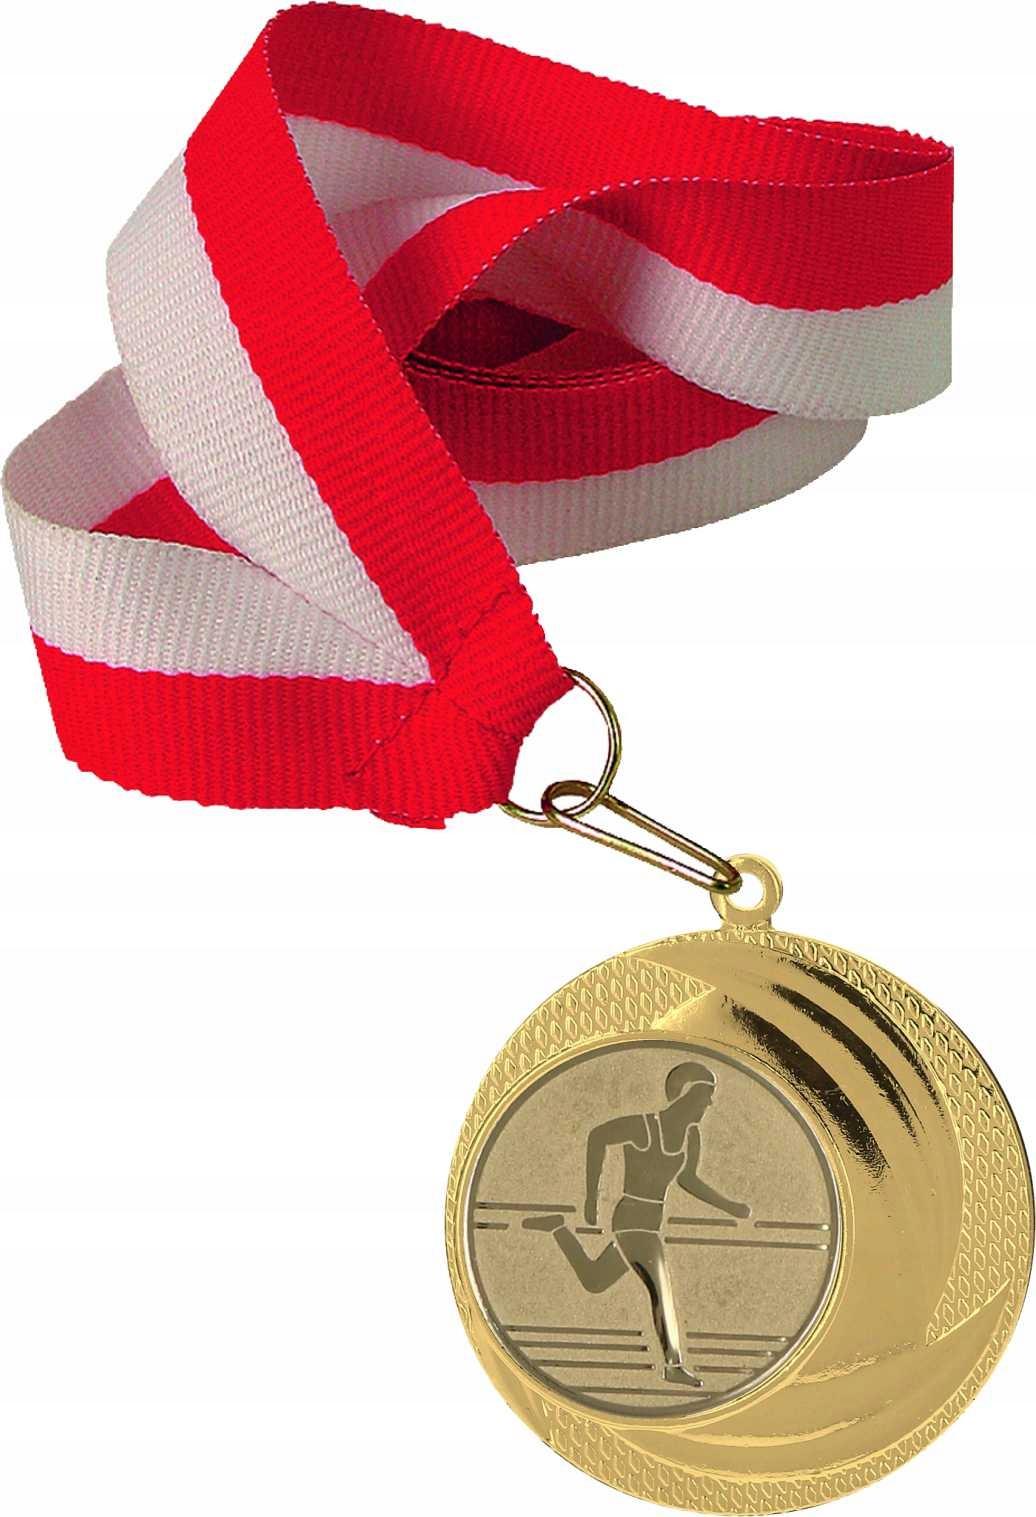 Tani Золотый medal 40mm +wstążka +emblemat +wklejka!